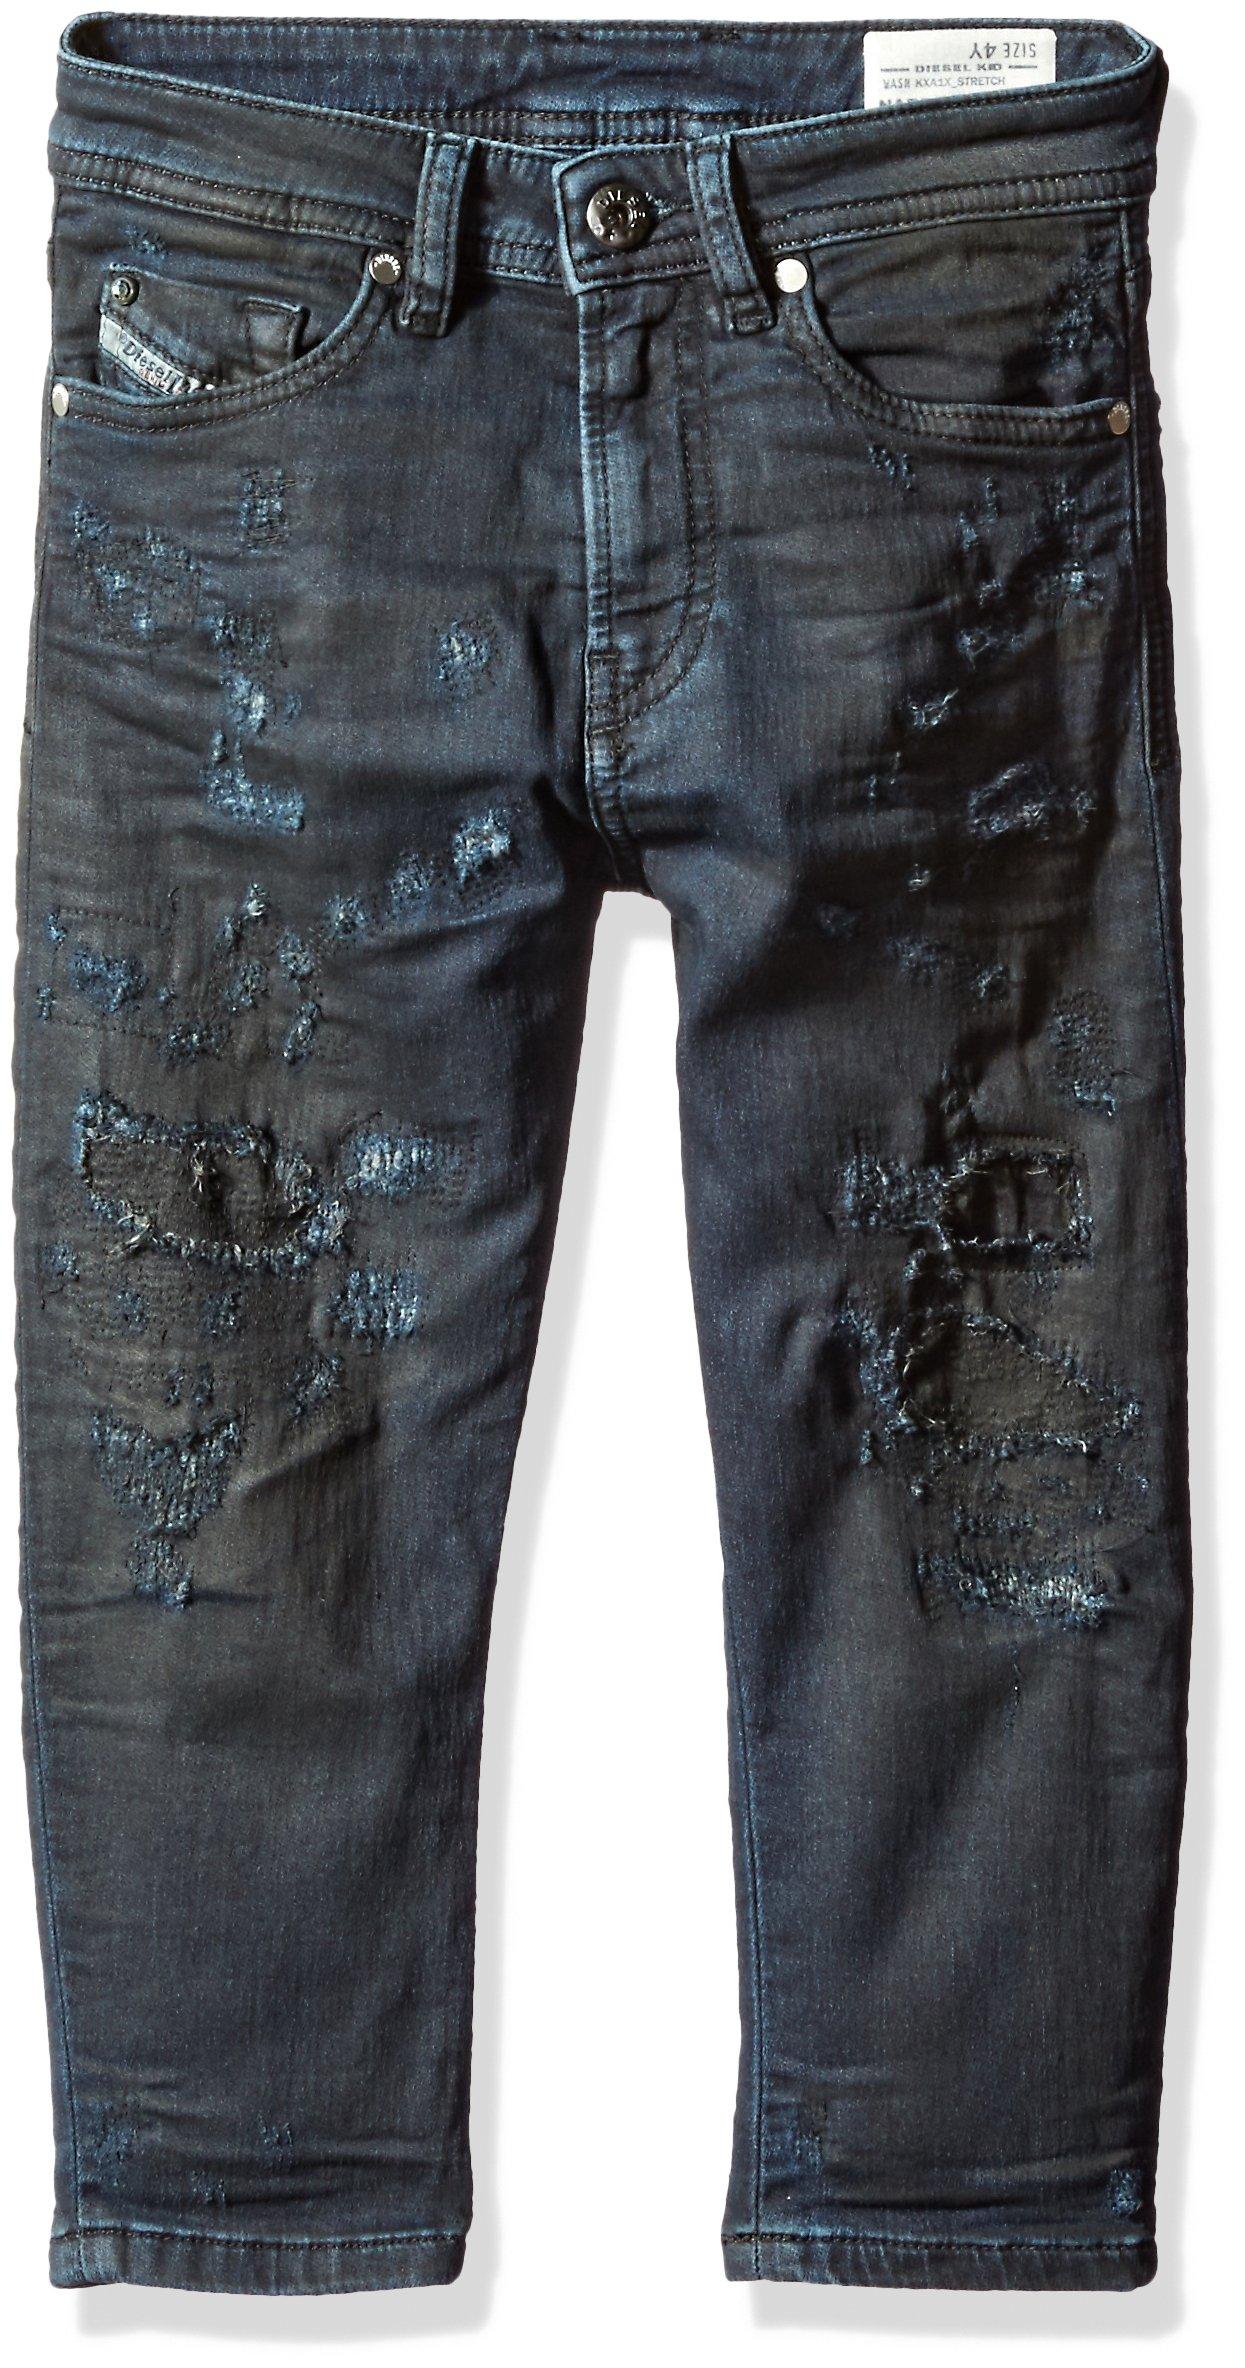 Diesel Big Boys' Narrot-R J S Np Regular Carrot Leg JoggJeans, Denim, 14 by Diesel